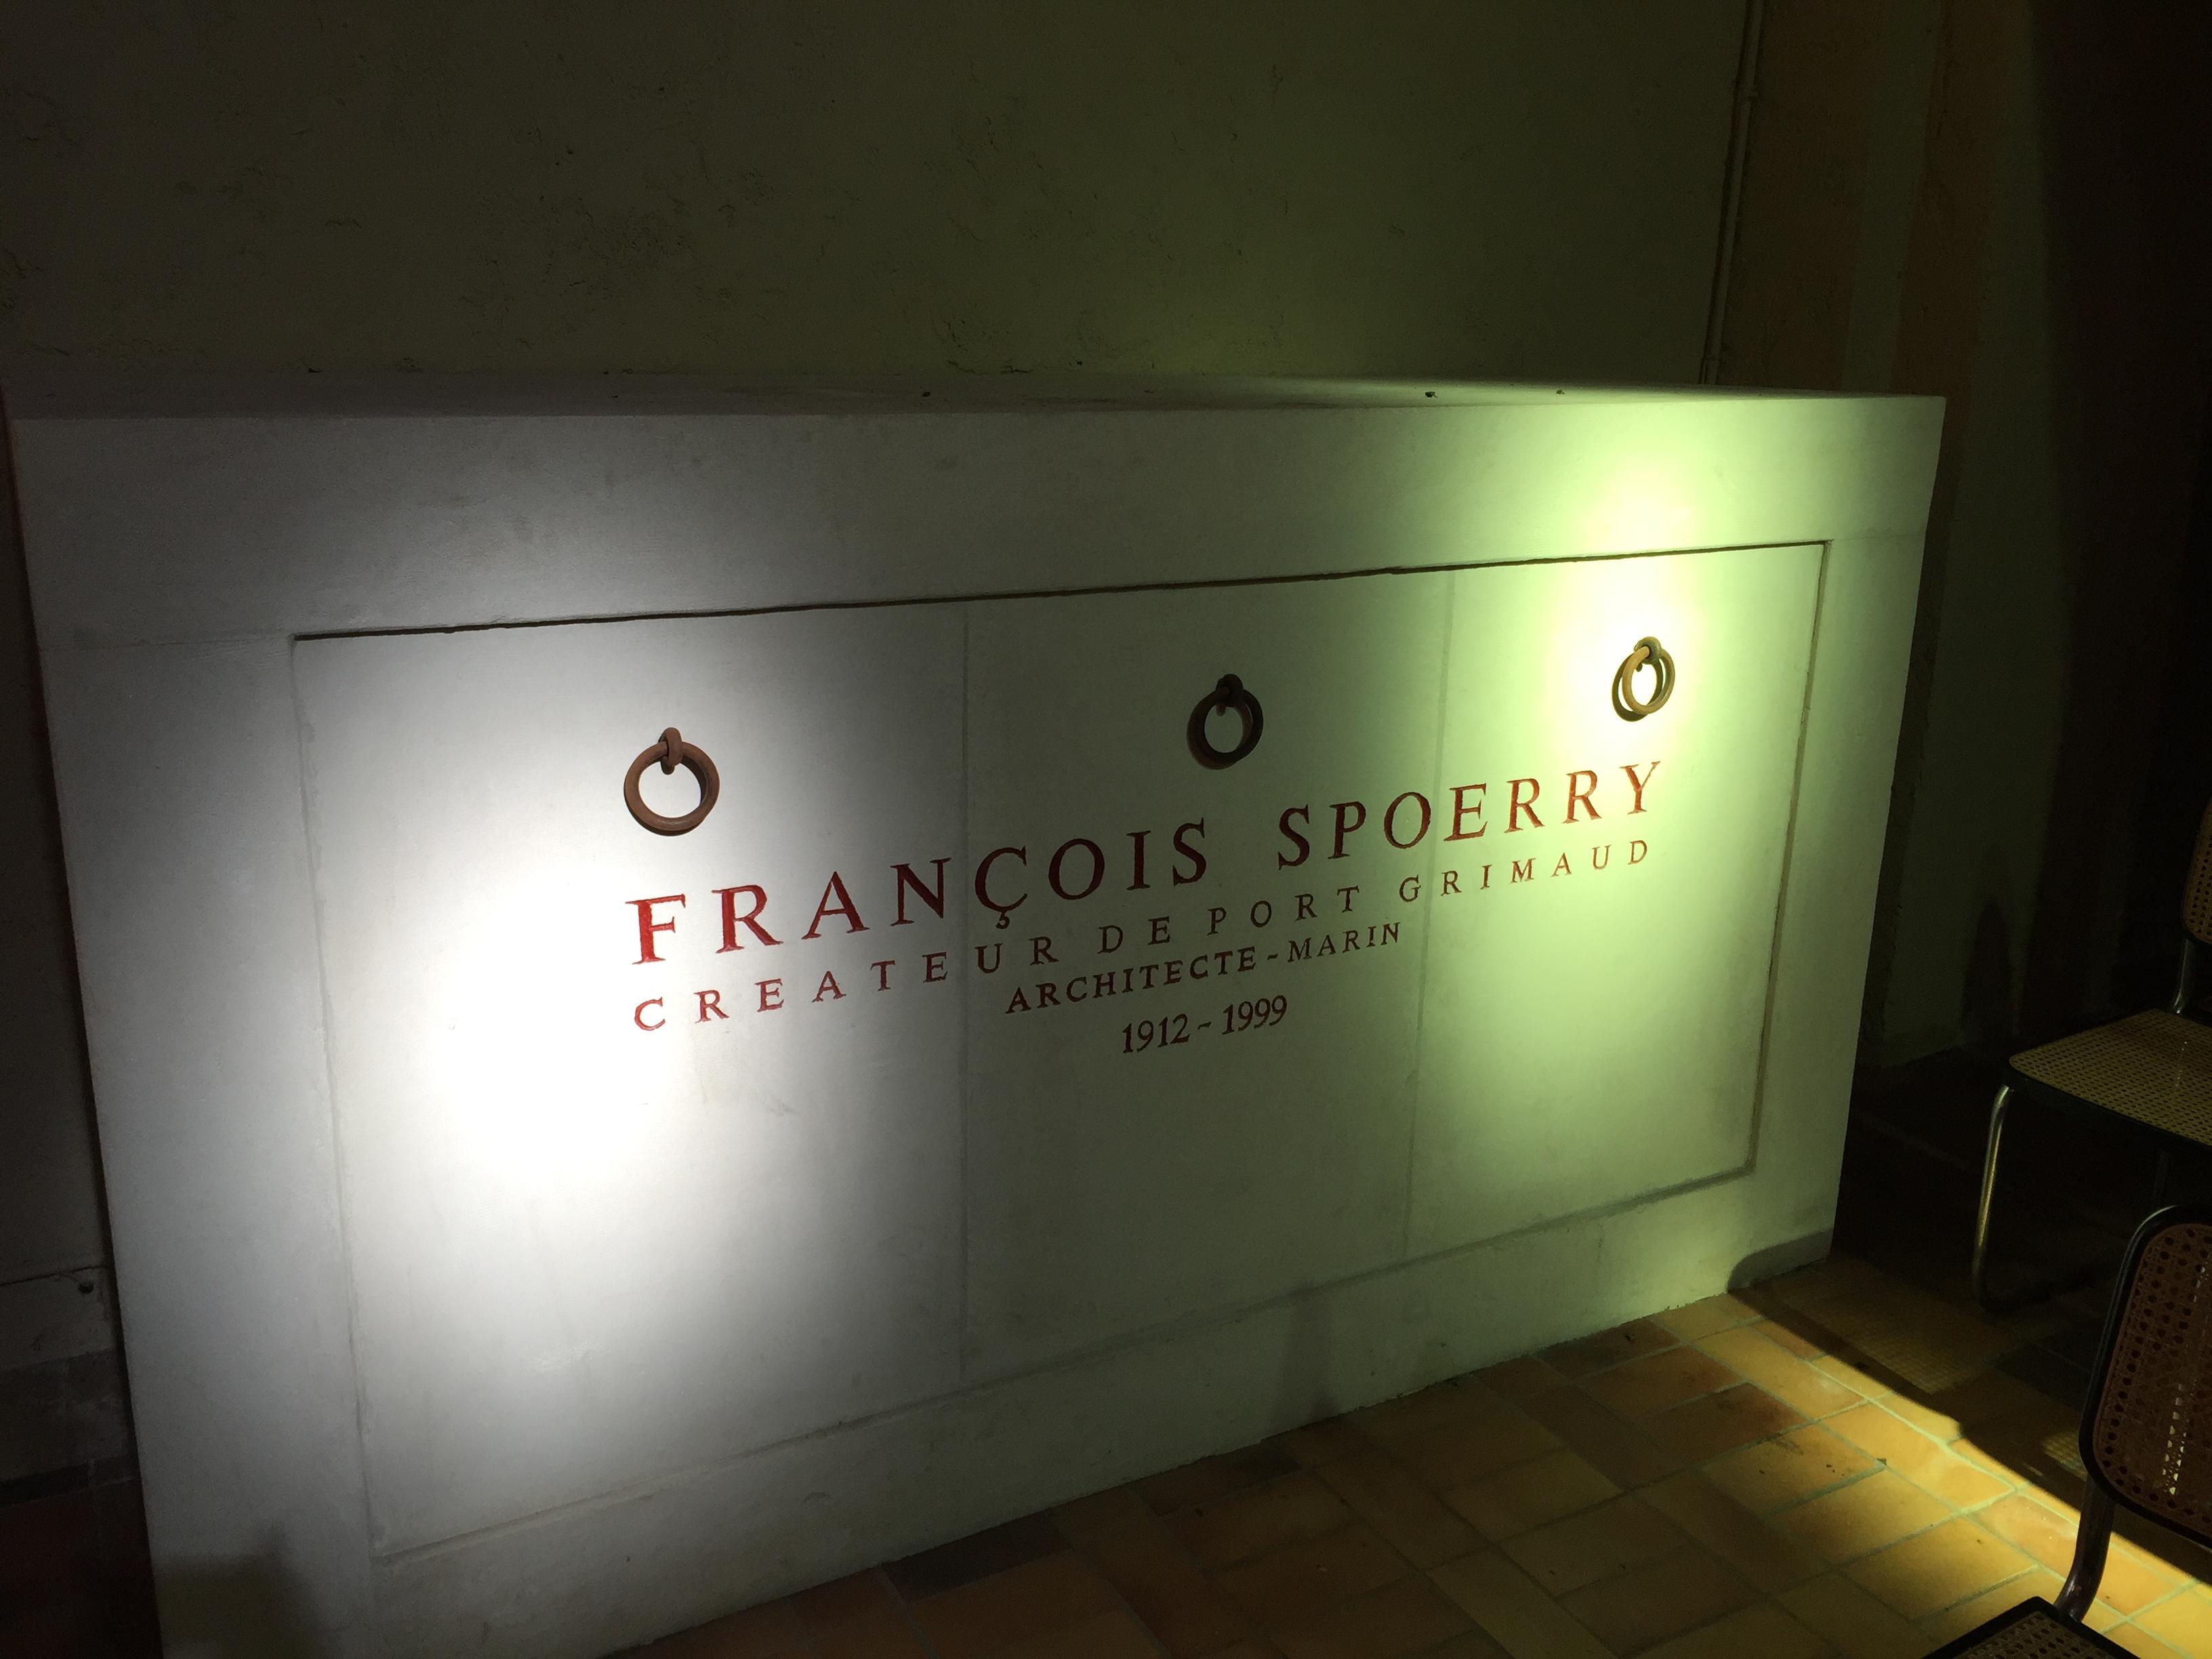 françois spoerry's vault